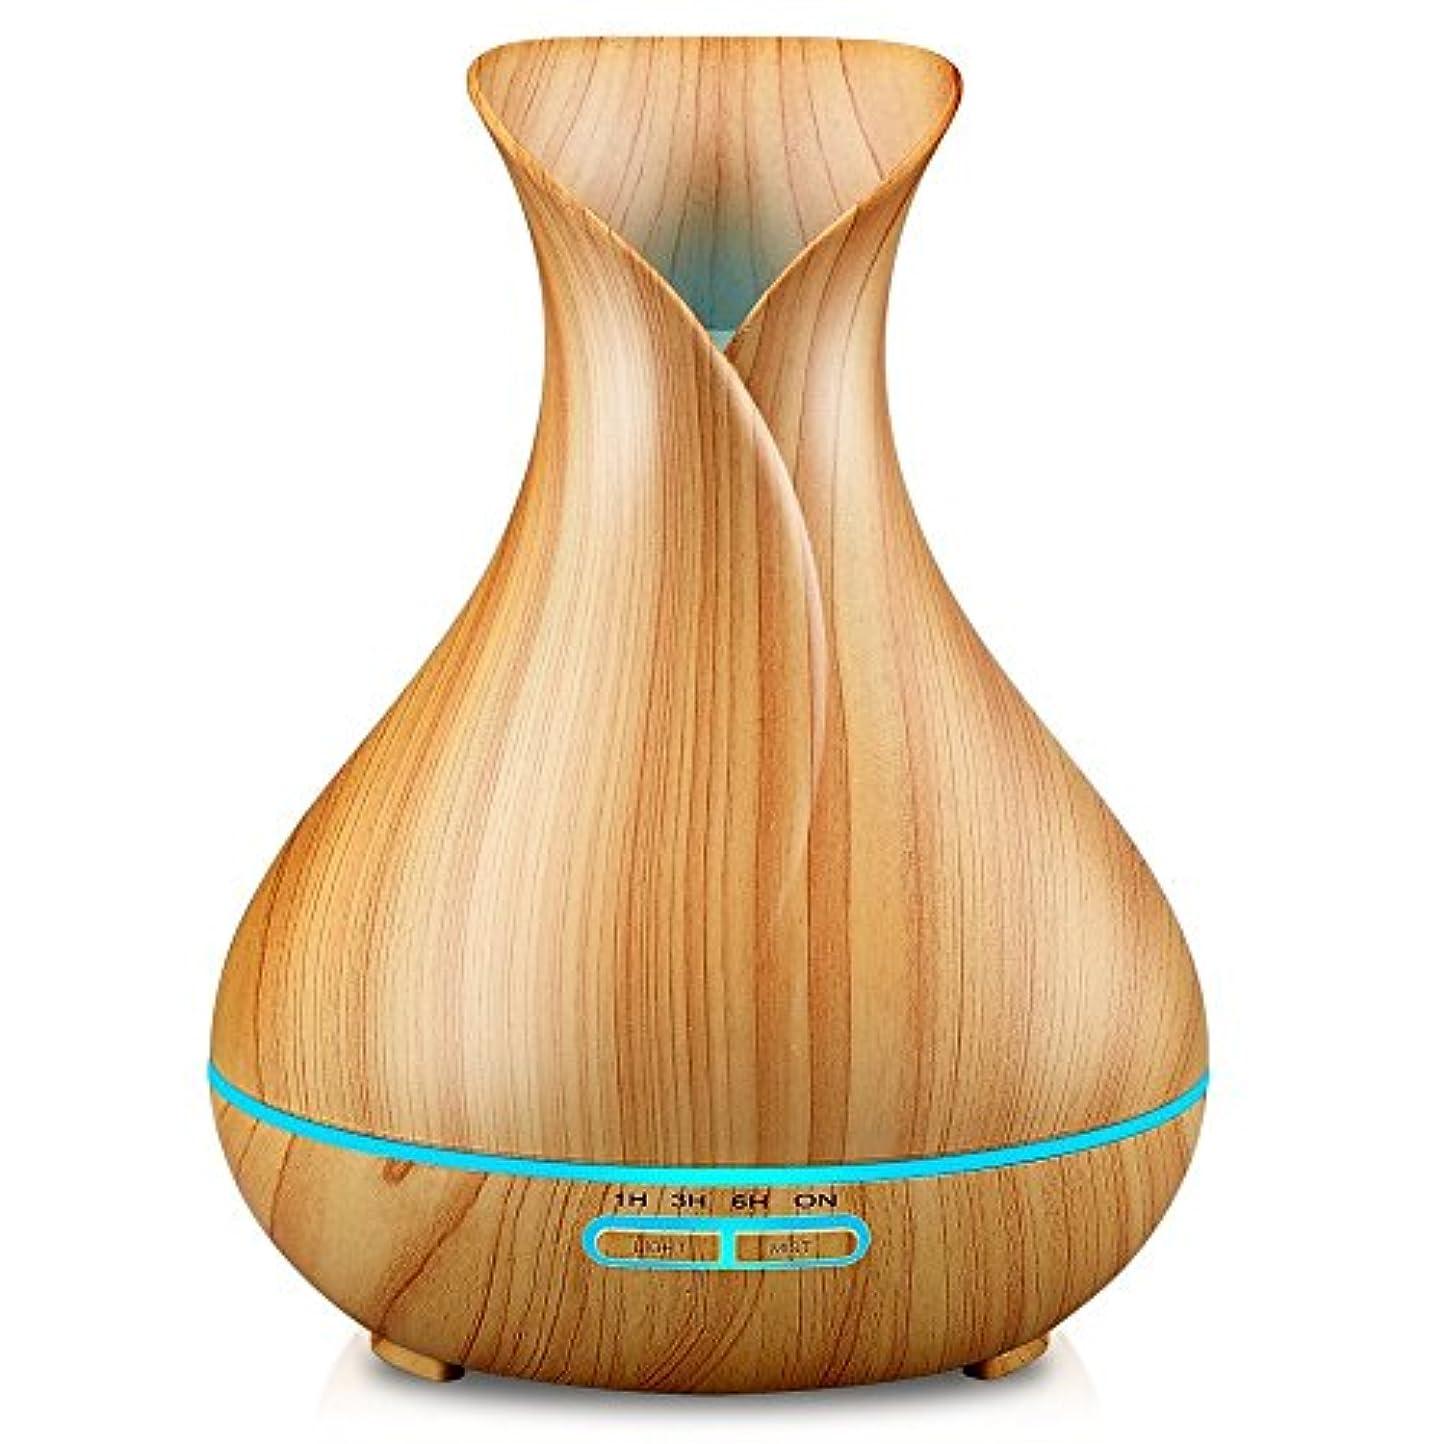 八百屋オーナメントユダヤ人URPOWER Essential Oil Diffuser スプレッド, 400ml Wood Grain Cool Mist Humidifiers 加湿器 Ultrasonic Aromatherapy Diffusers (並行輸入品)